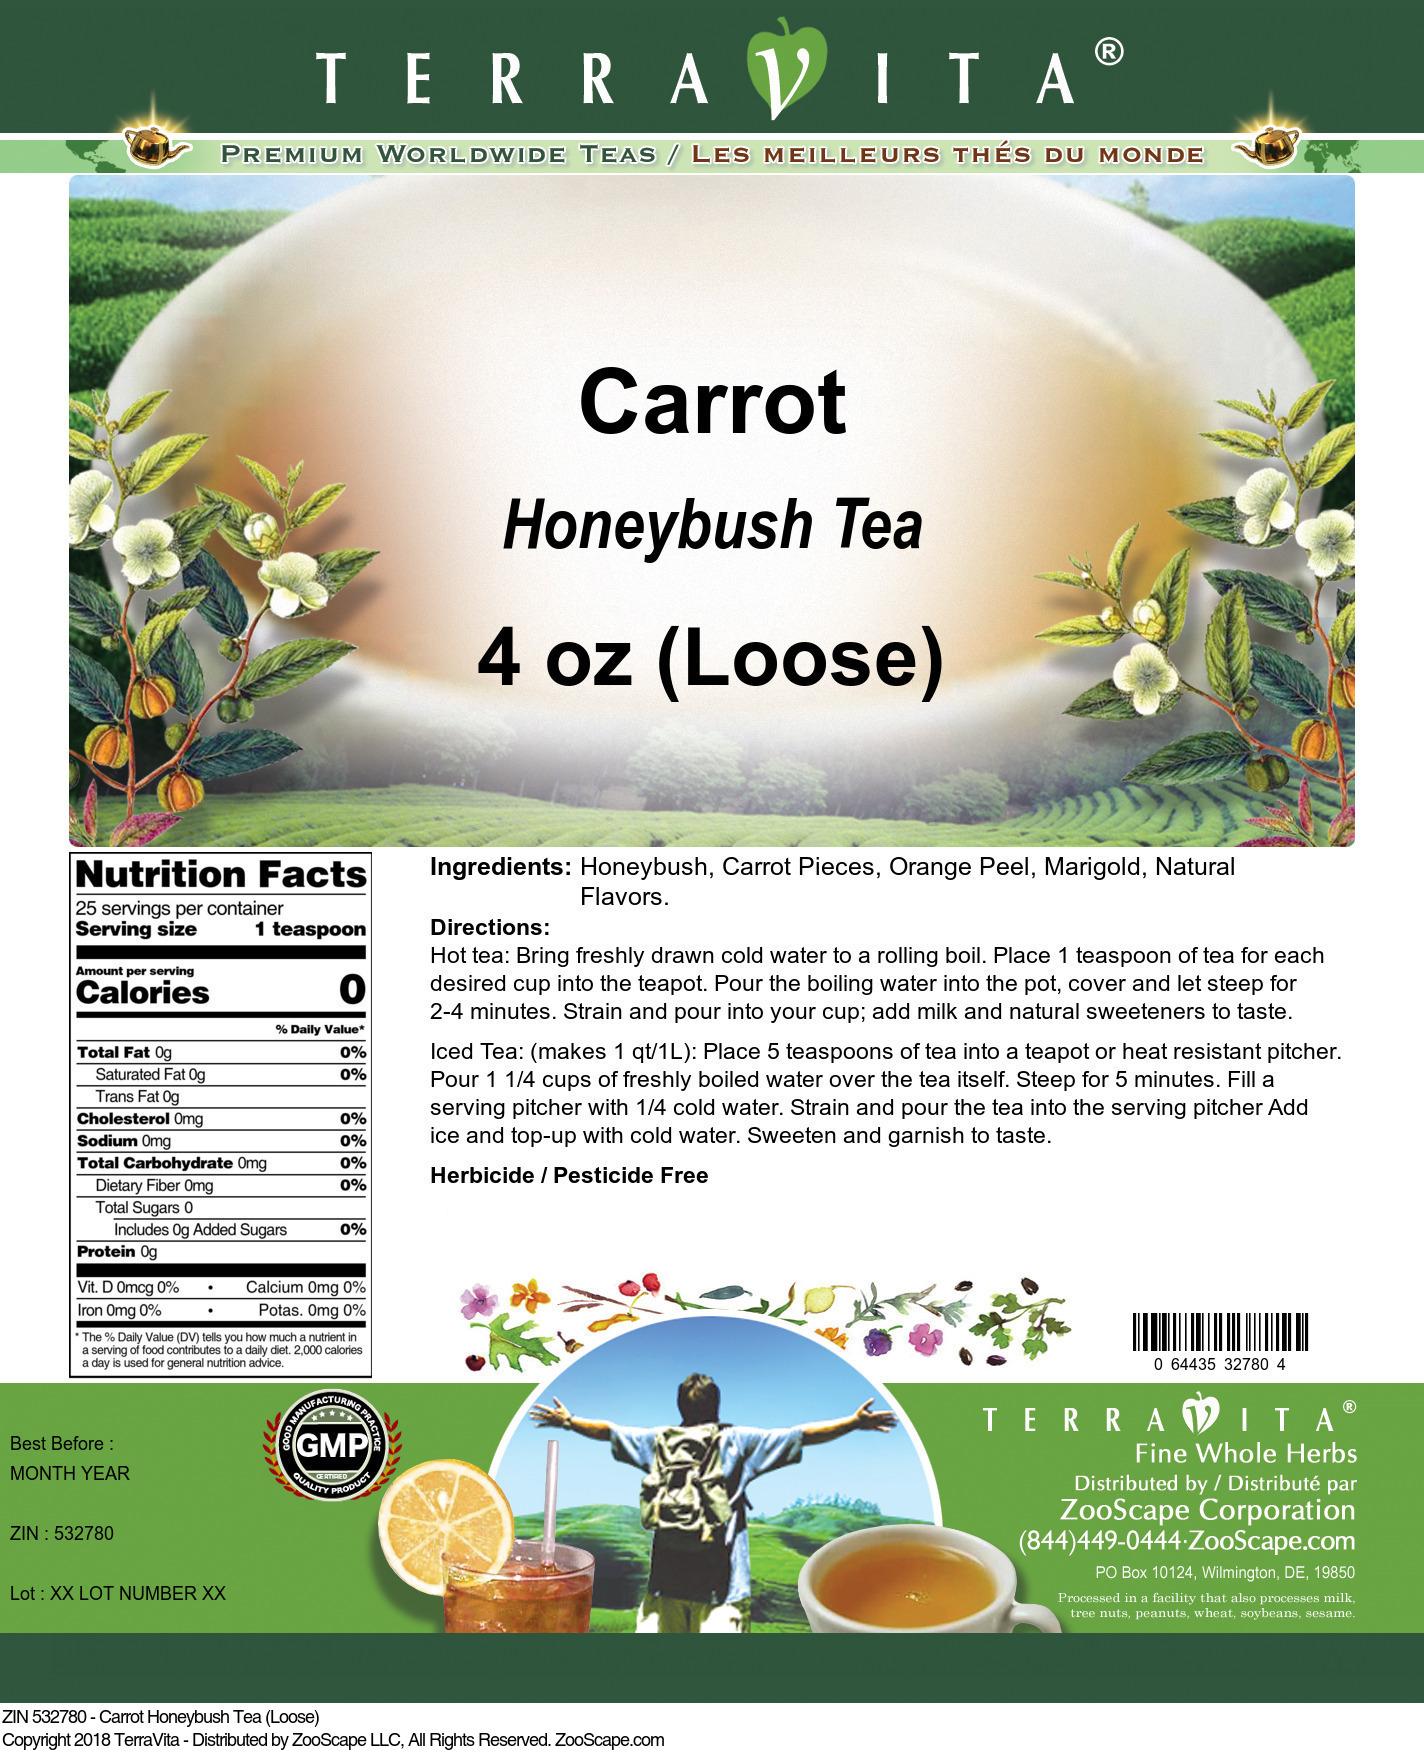 Carrot Honeybush Tea (Loose)